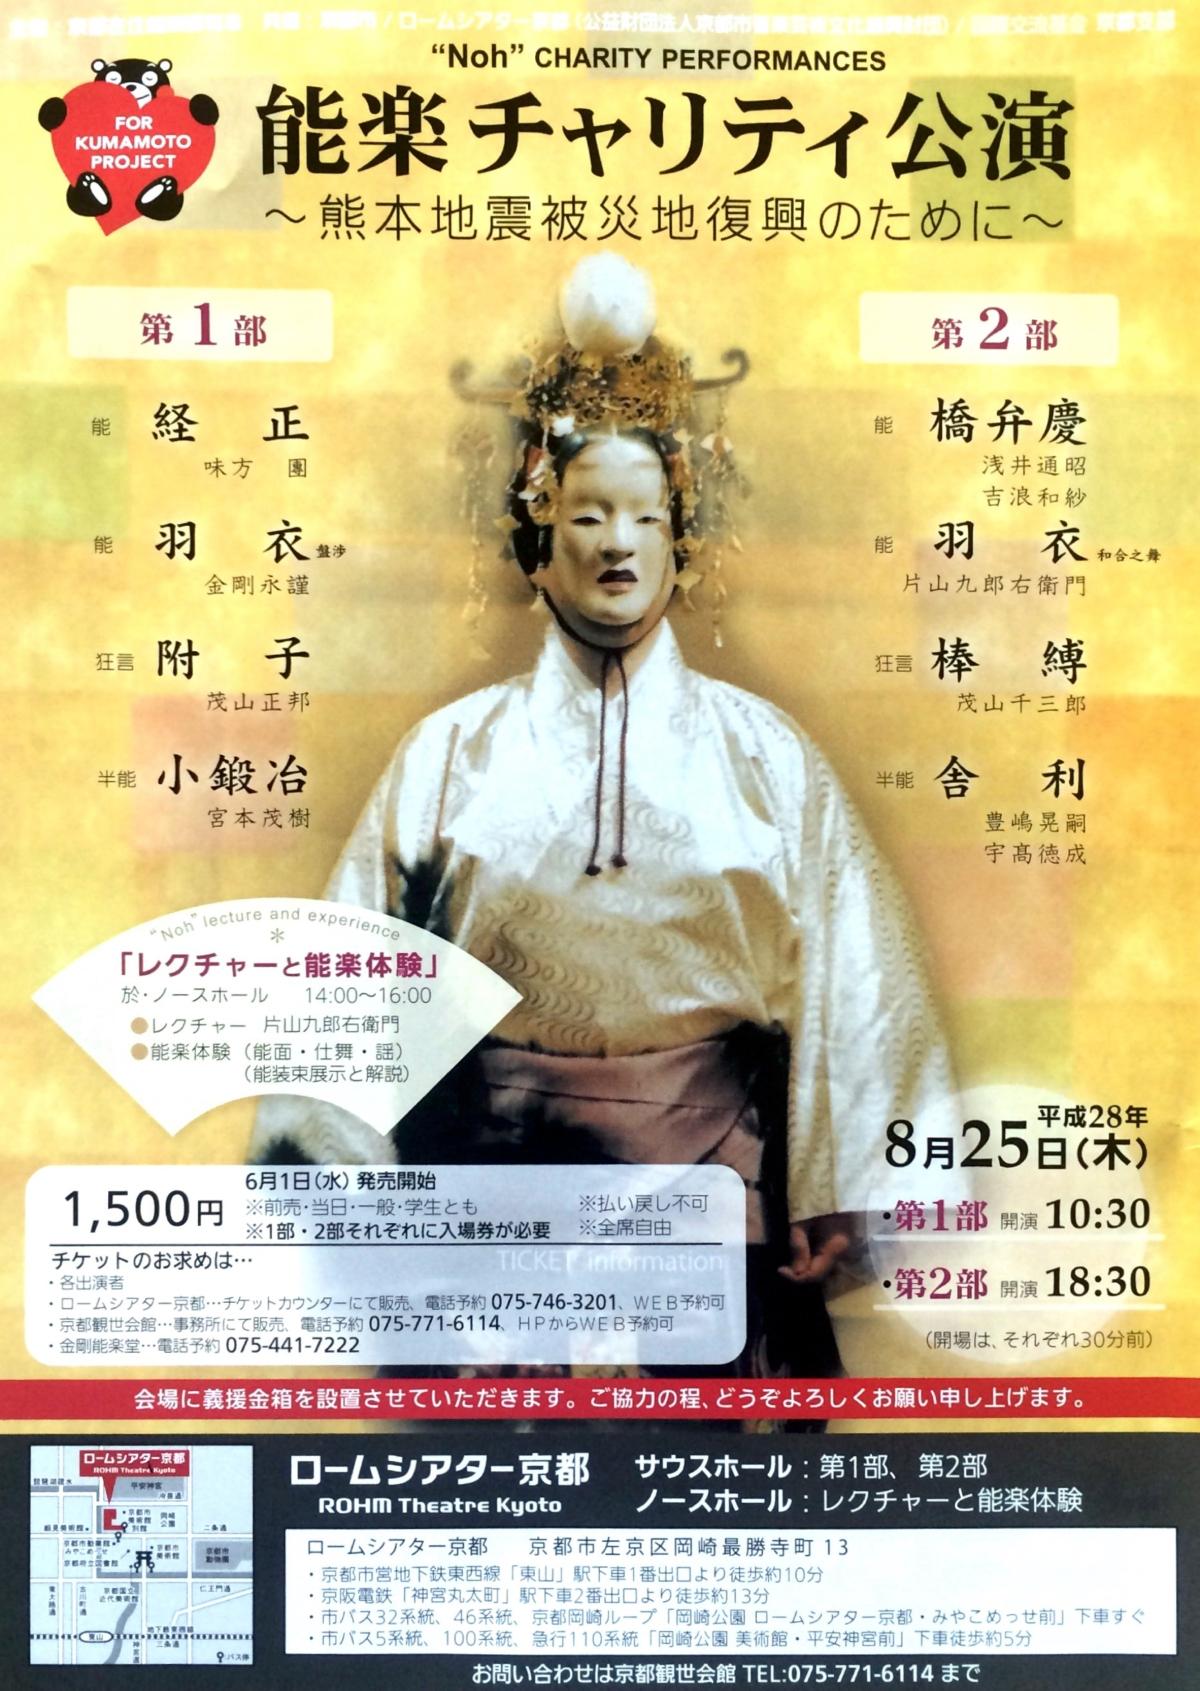 Kumamoto Charity August 2016.jpg